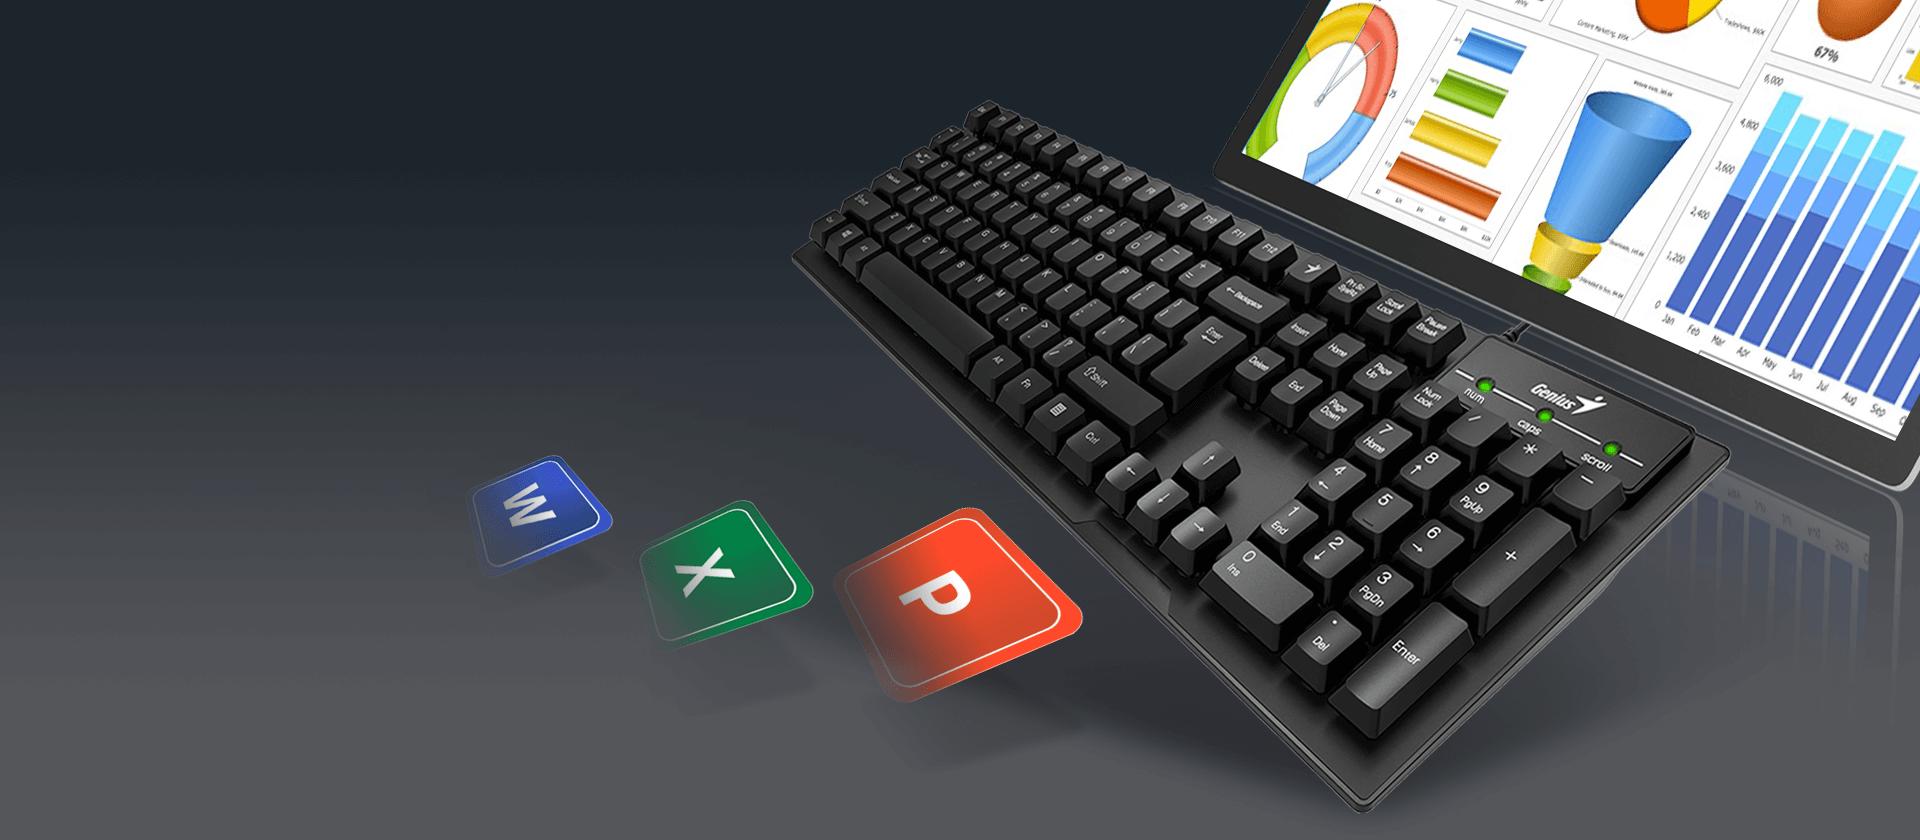 Genius | Touch Pen, Mouse, Keyboard, Headset, Speaker